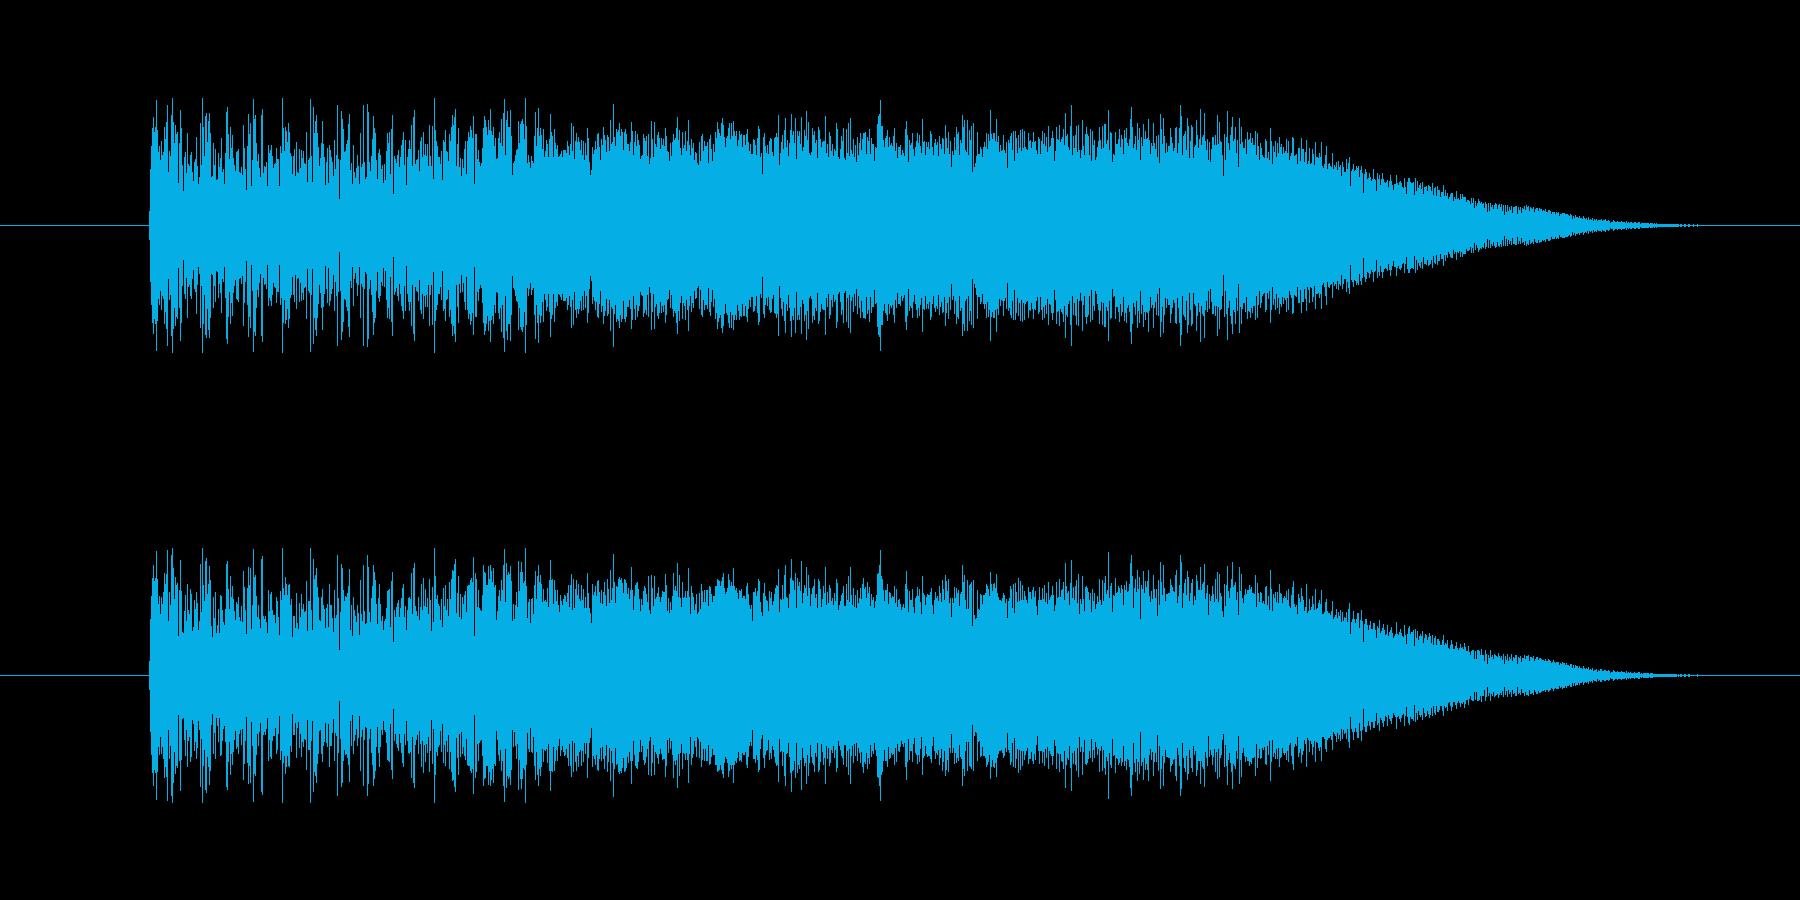 ハデなぶおー ぼー おおげさなバオーの再生済みの波形